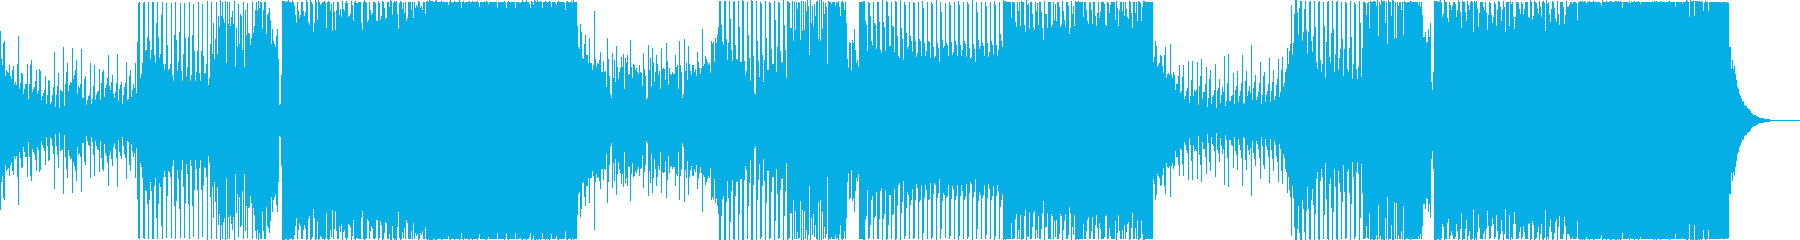 EDM 幻想的 ゲーム オープニングの再生済みの波形